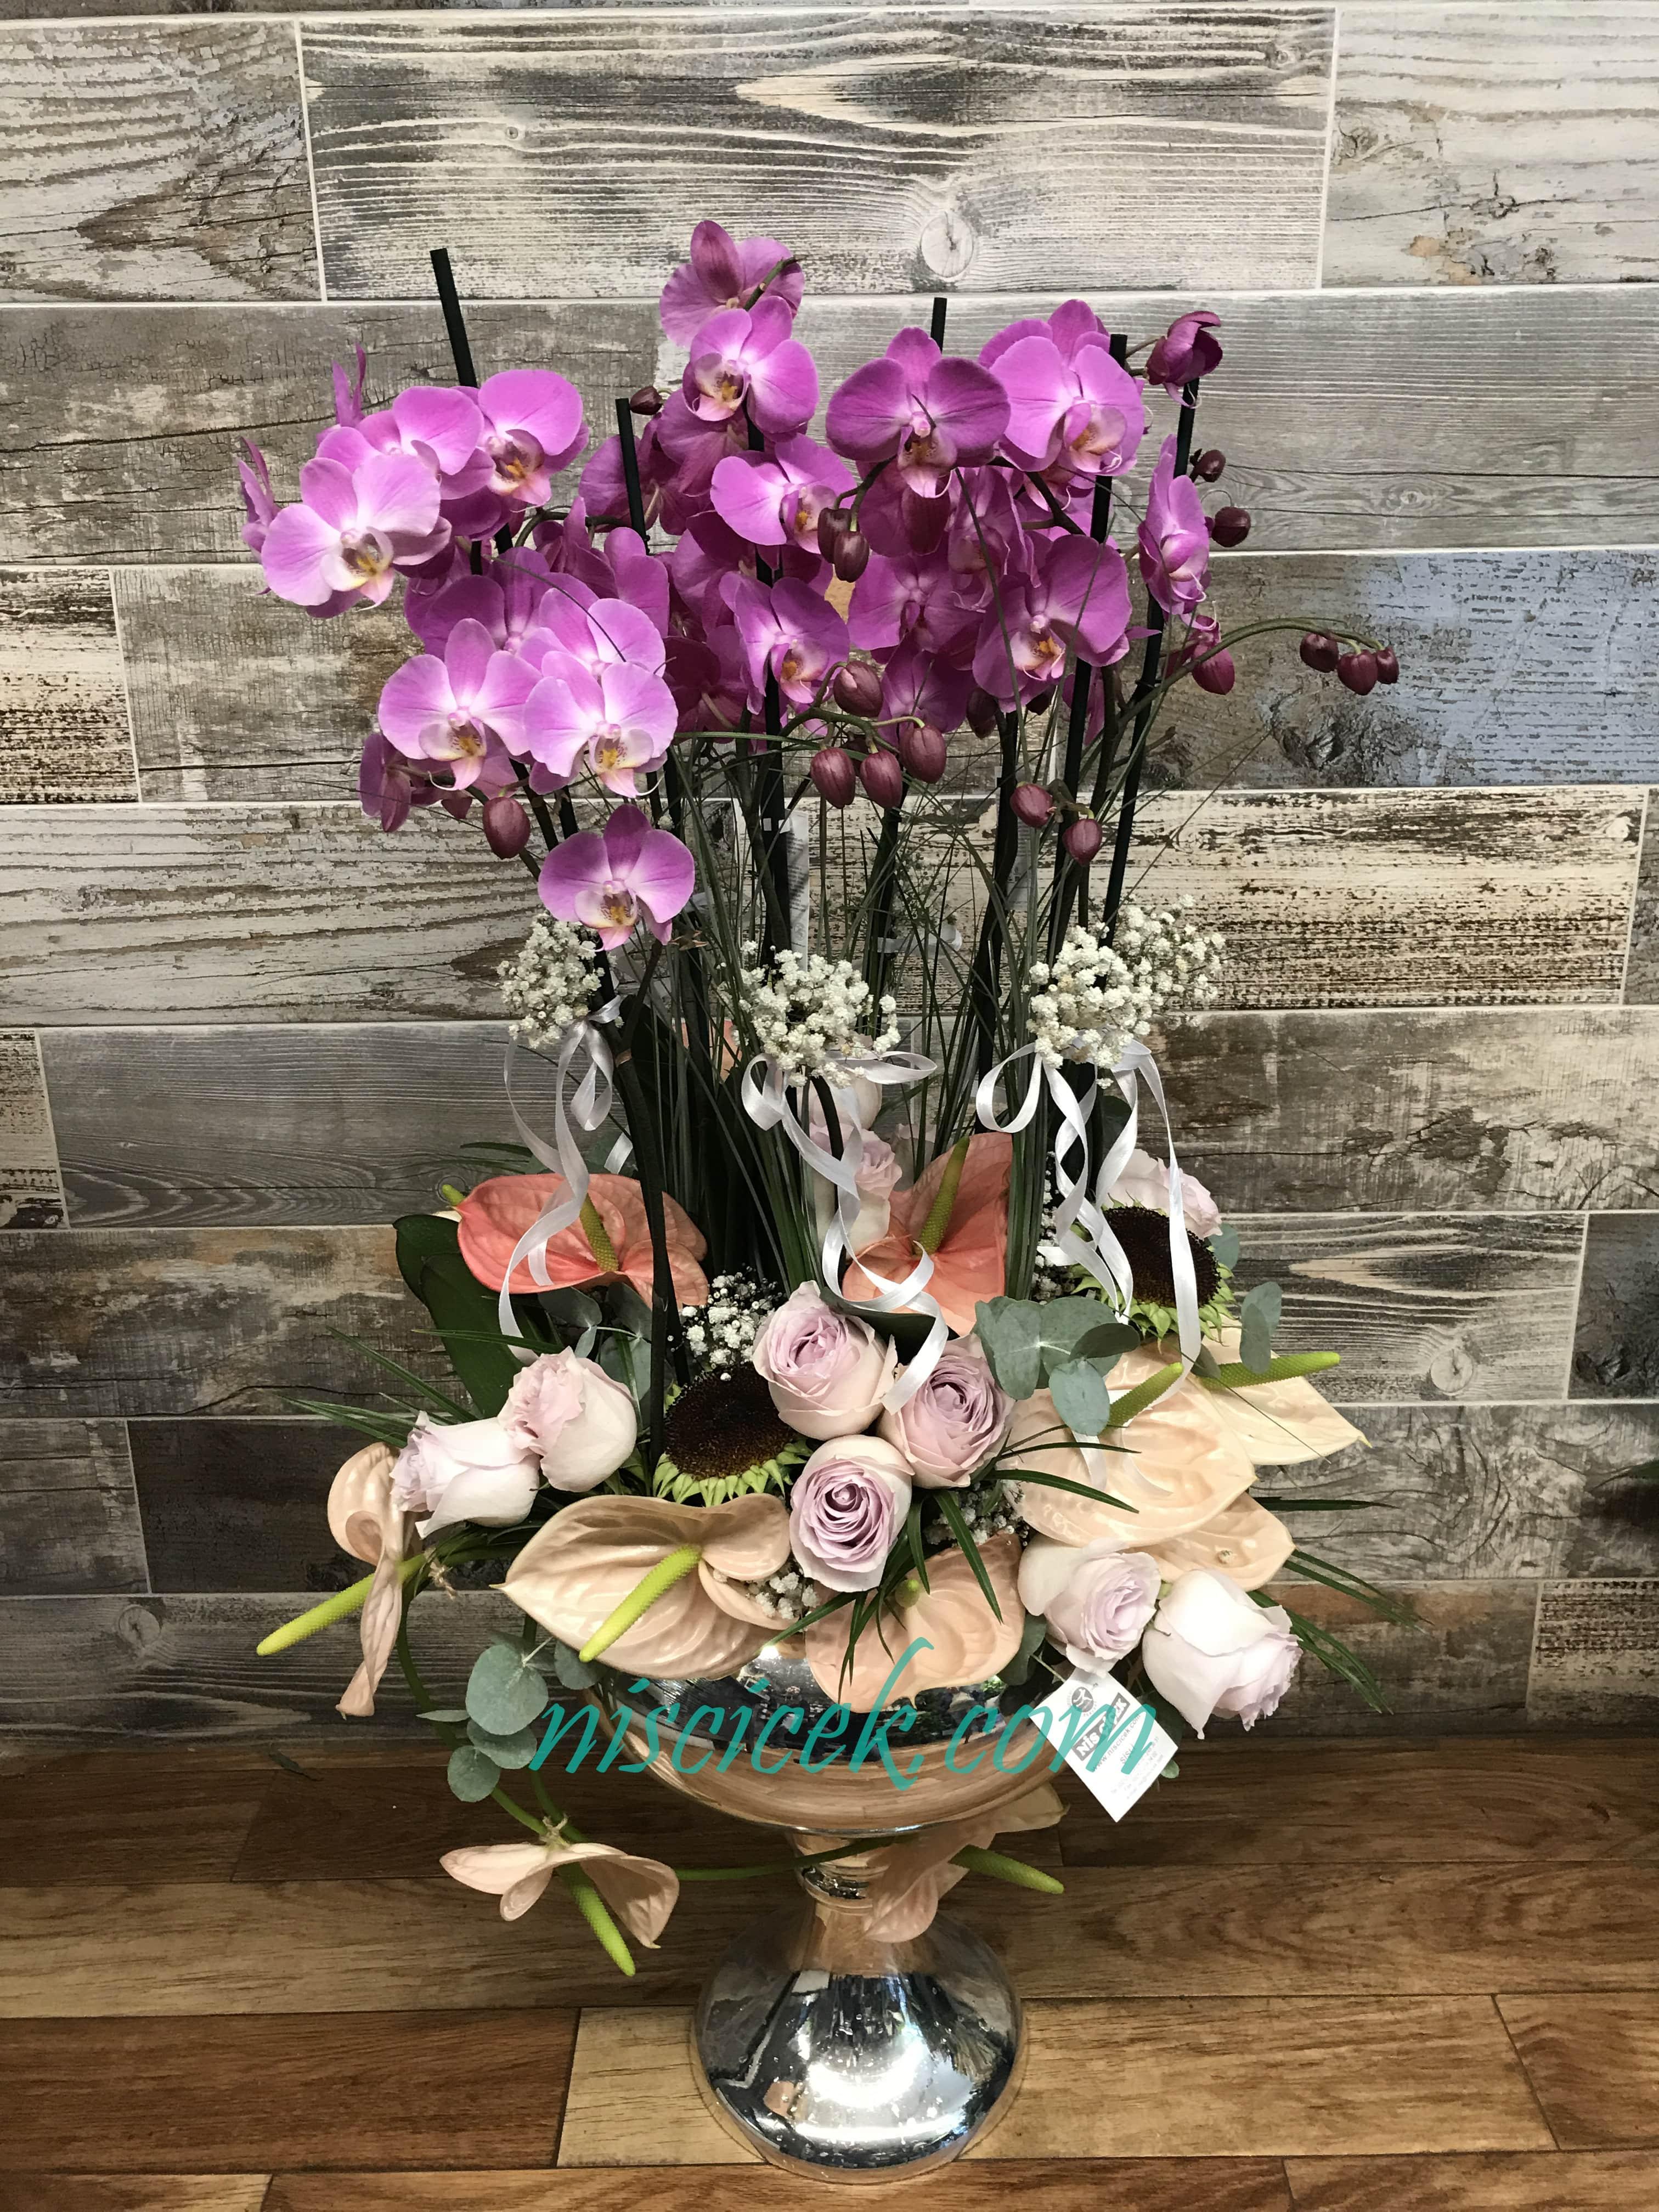 İthal Cam Vazoda 6 Köklü Mor Orkide Antoryum,Gül Tanzim - Ürün Kodu:721